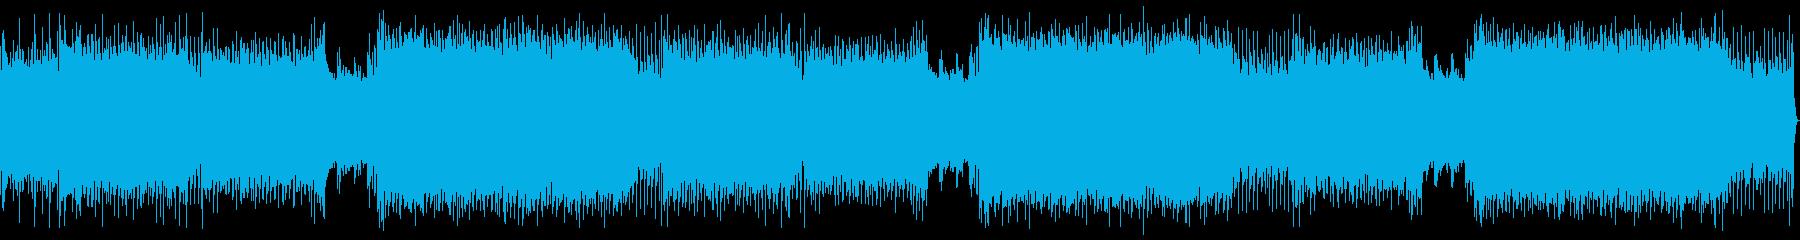 重いギターリフのカッコイイ系の四つ打ちの再生済みの波形